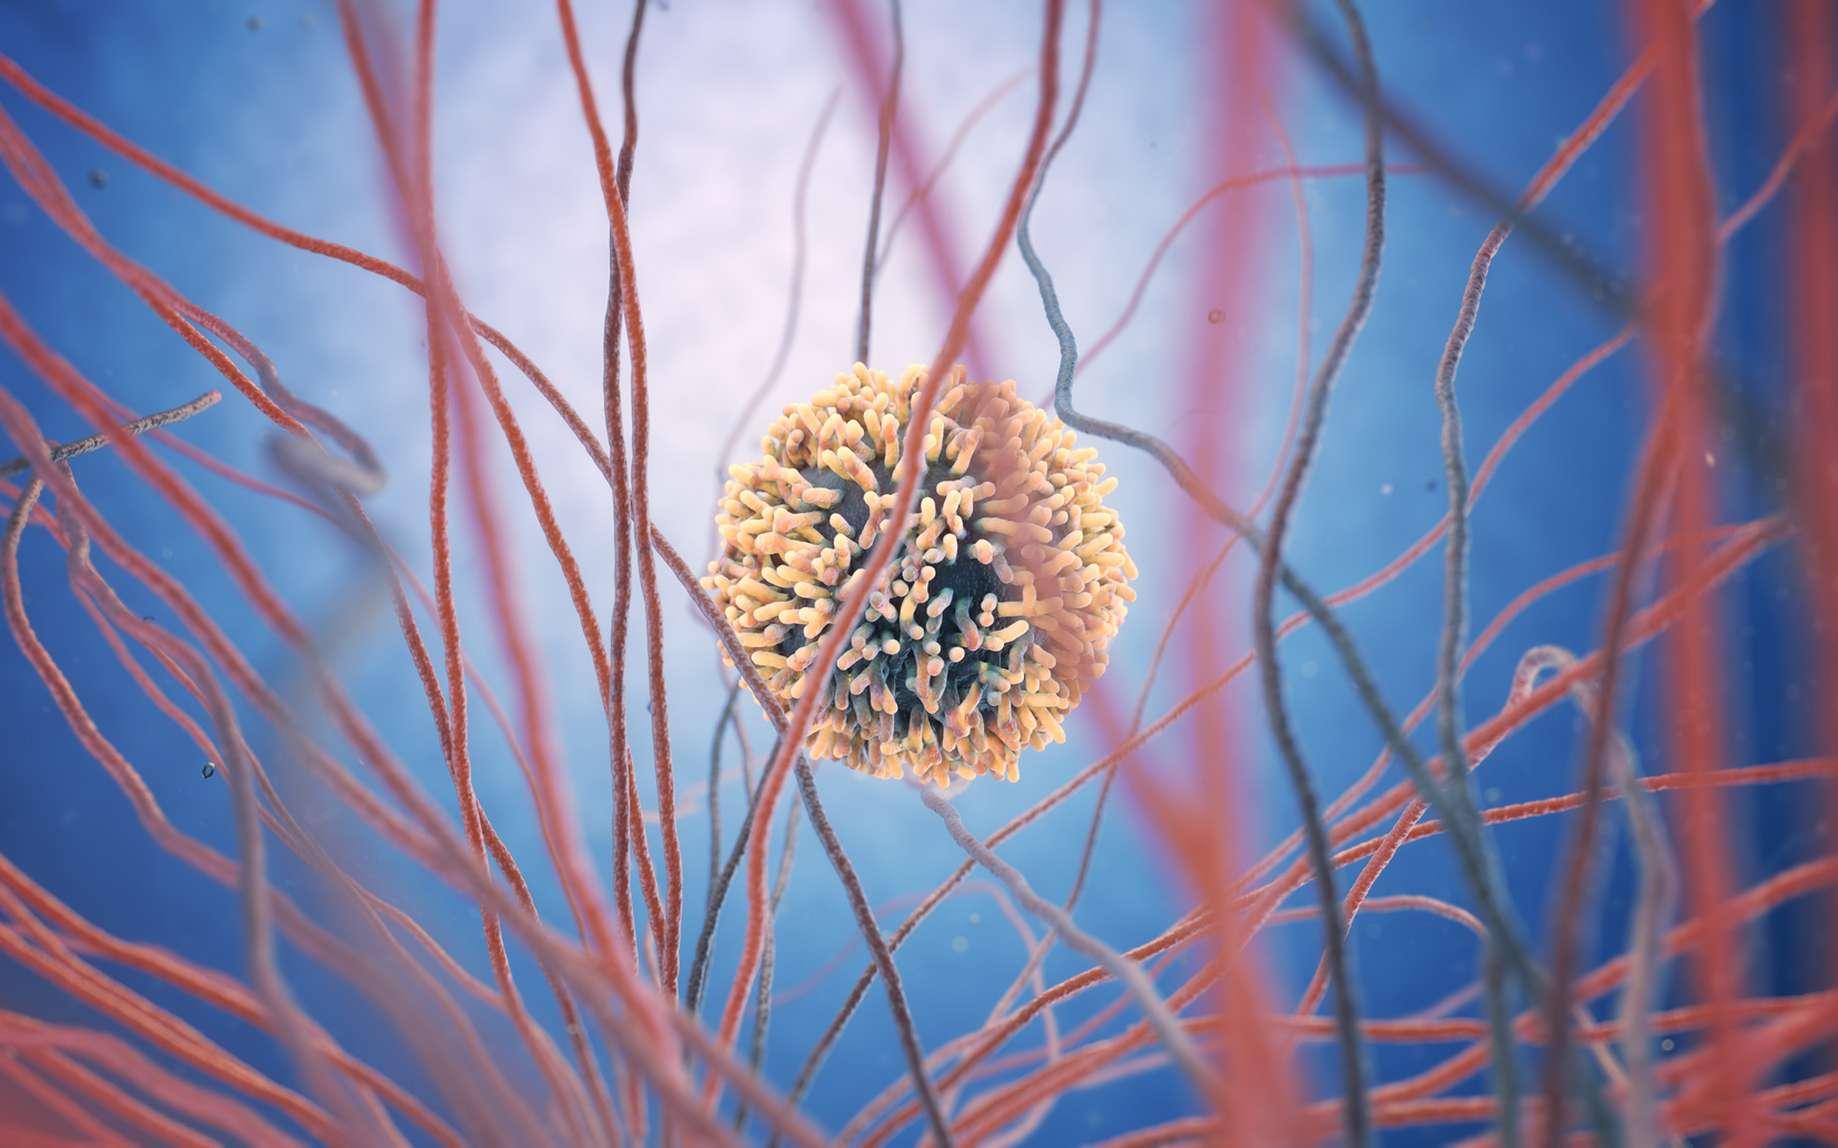 Les globules blancs ou leucocytes sont les cellules de l'immunité. Certaines ont une action non spécifique (comme les macrophages), et d'autres une action spécifique, comme les lymphocytes. © Anne Weston, Wellcome Images, Flickr, cc by nc nd 2.0